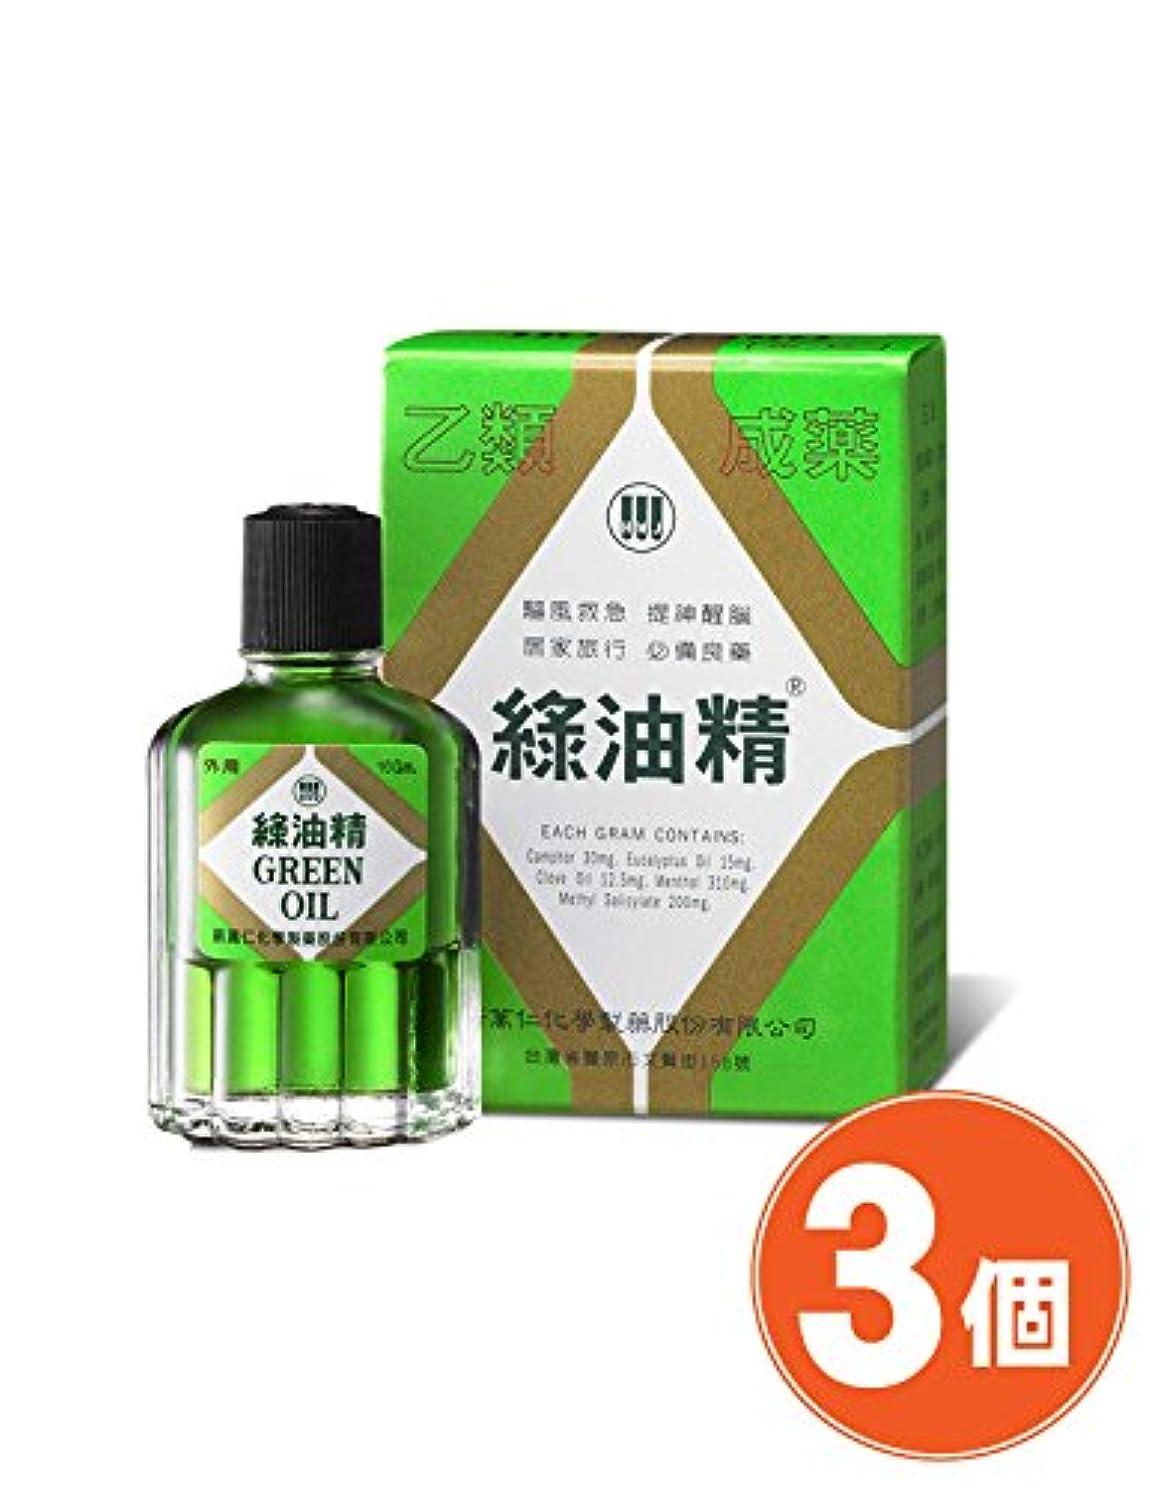 それによってエイリアンむしろ《新萬仁》台湾の万能グリーンオイル 緑油精 10g ×3個 《台湾 お土産》 [並行輸入品]